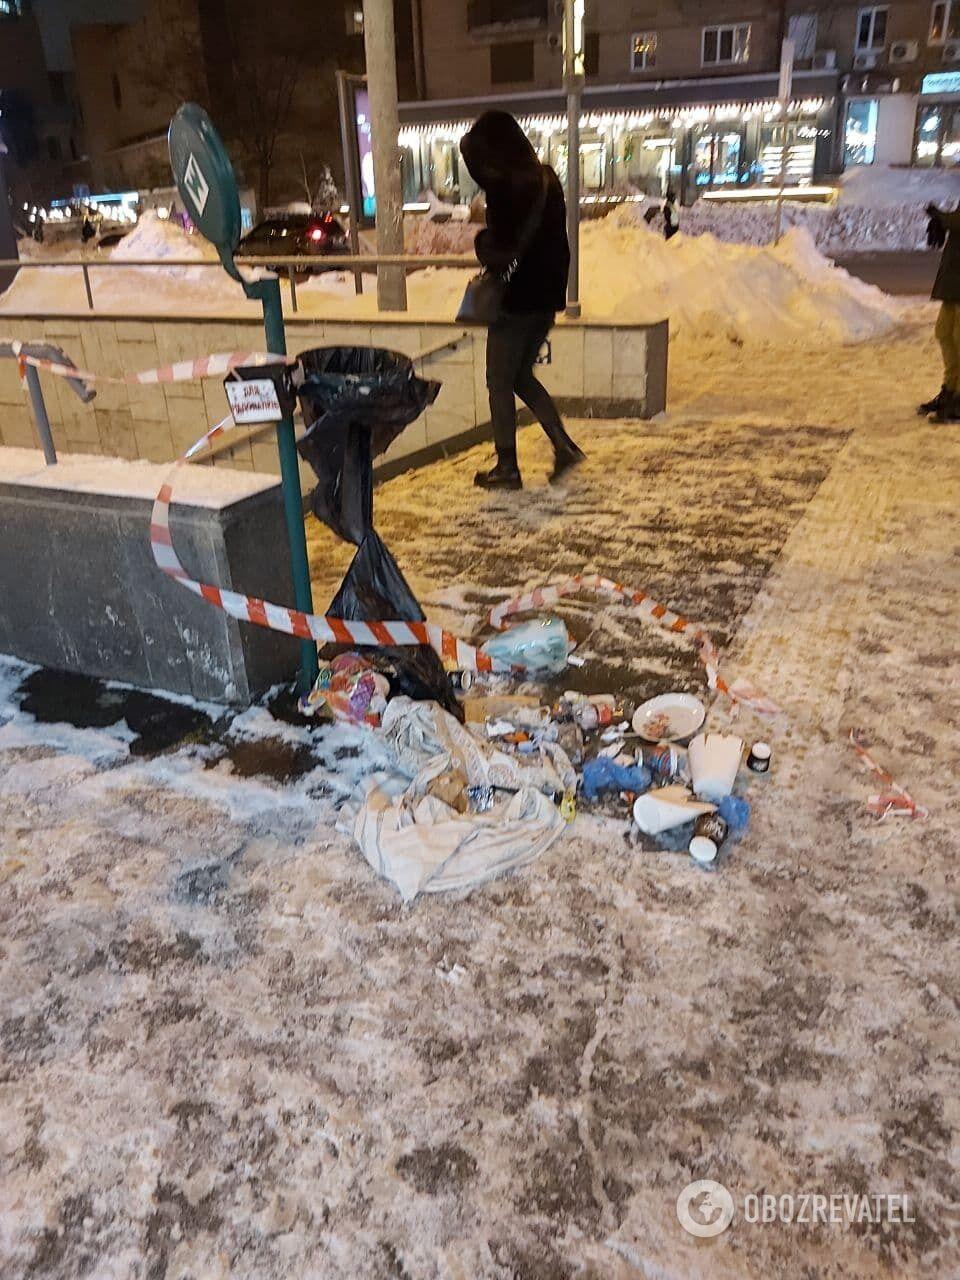 Правоохранители проверяли урну для мусора.